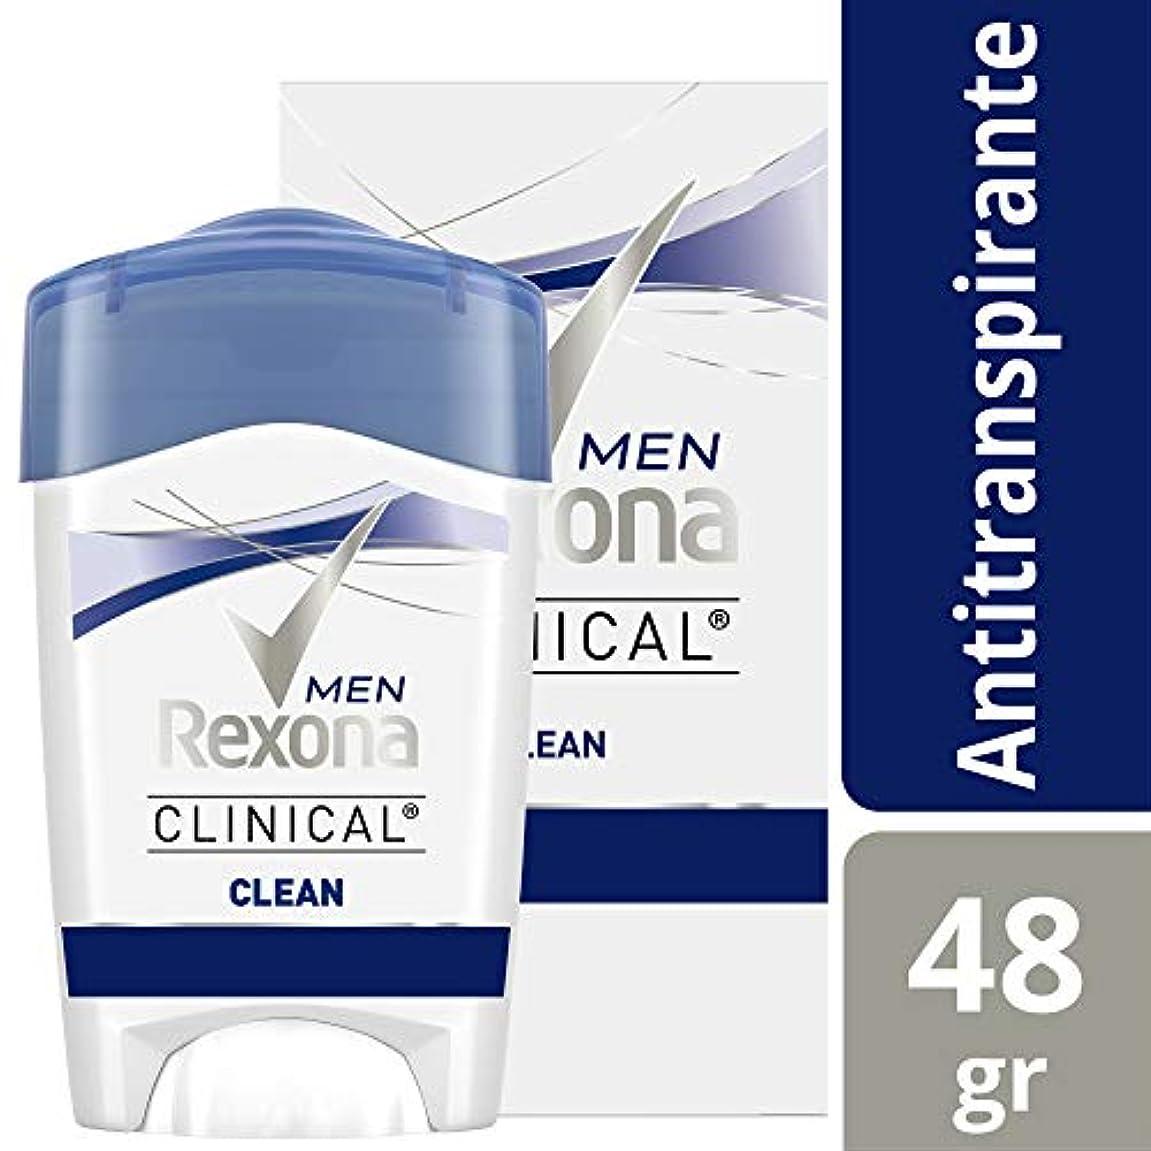 タッチ明確なビルダーRexona Men Clinical Clean レクソーナクリニカルクリーン メンズ デオドラント 48g 制汗剤 直塗りクリームタイプ 男性用